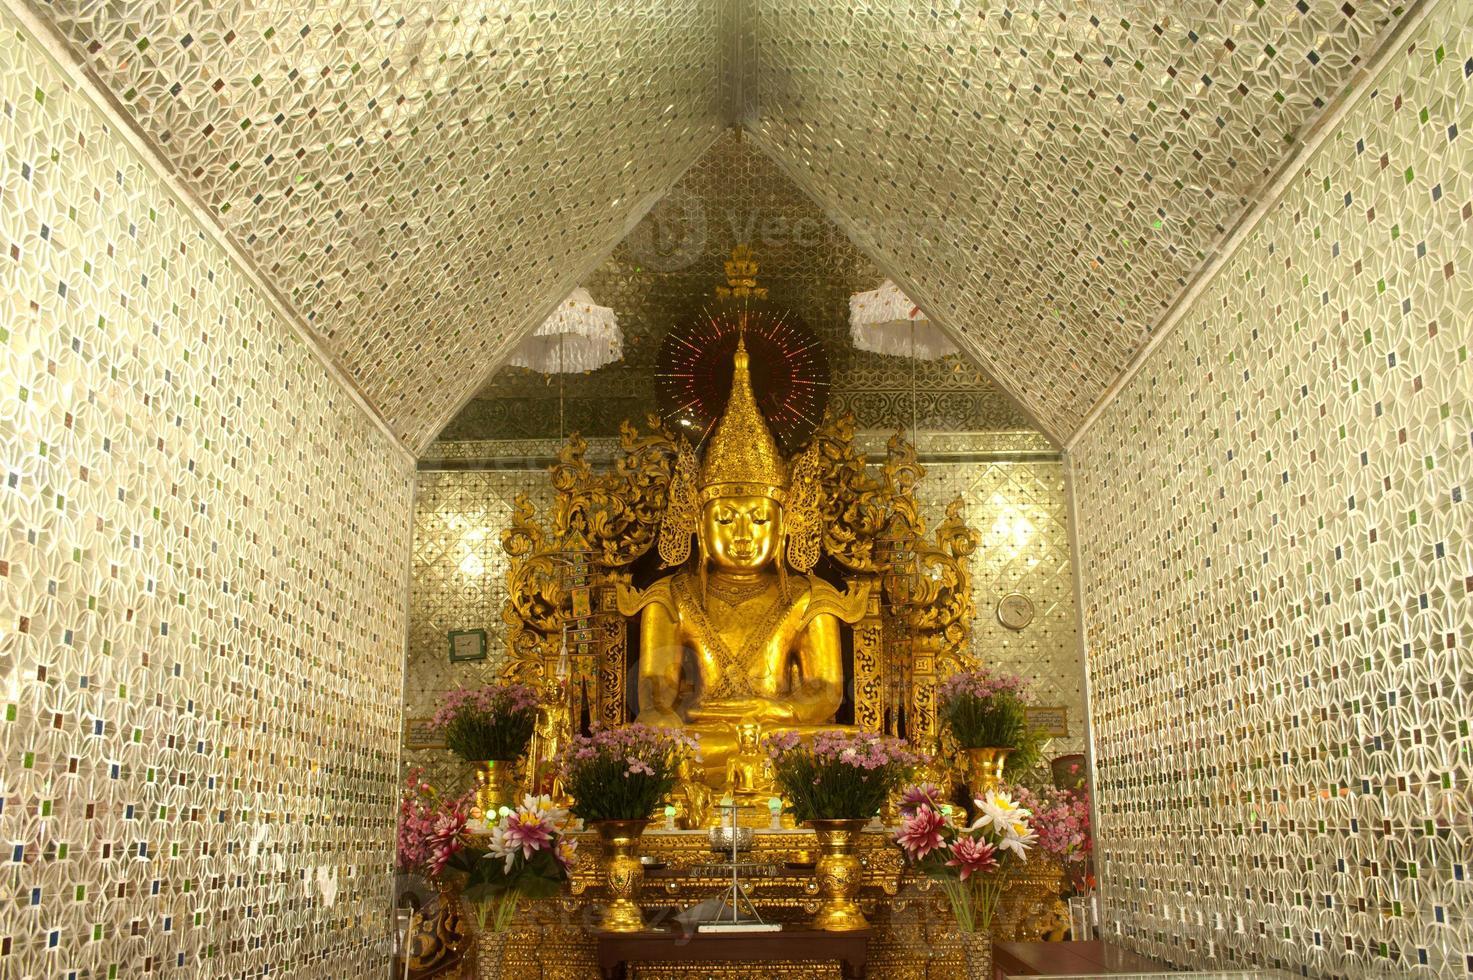 goldener buddha bei pagode in sanda muni paya, myanmar. foto